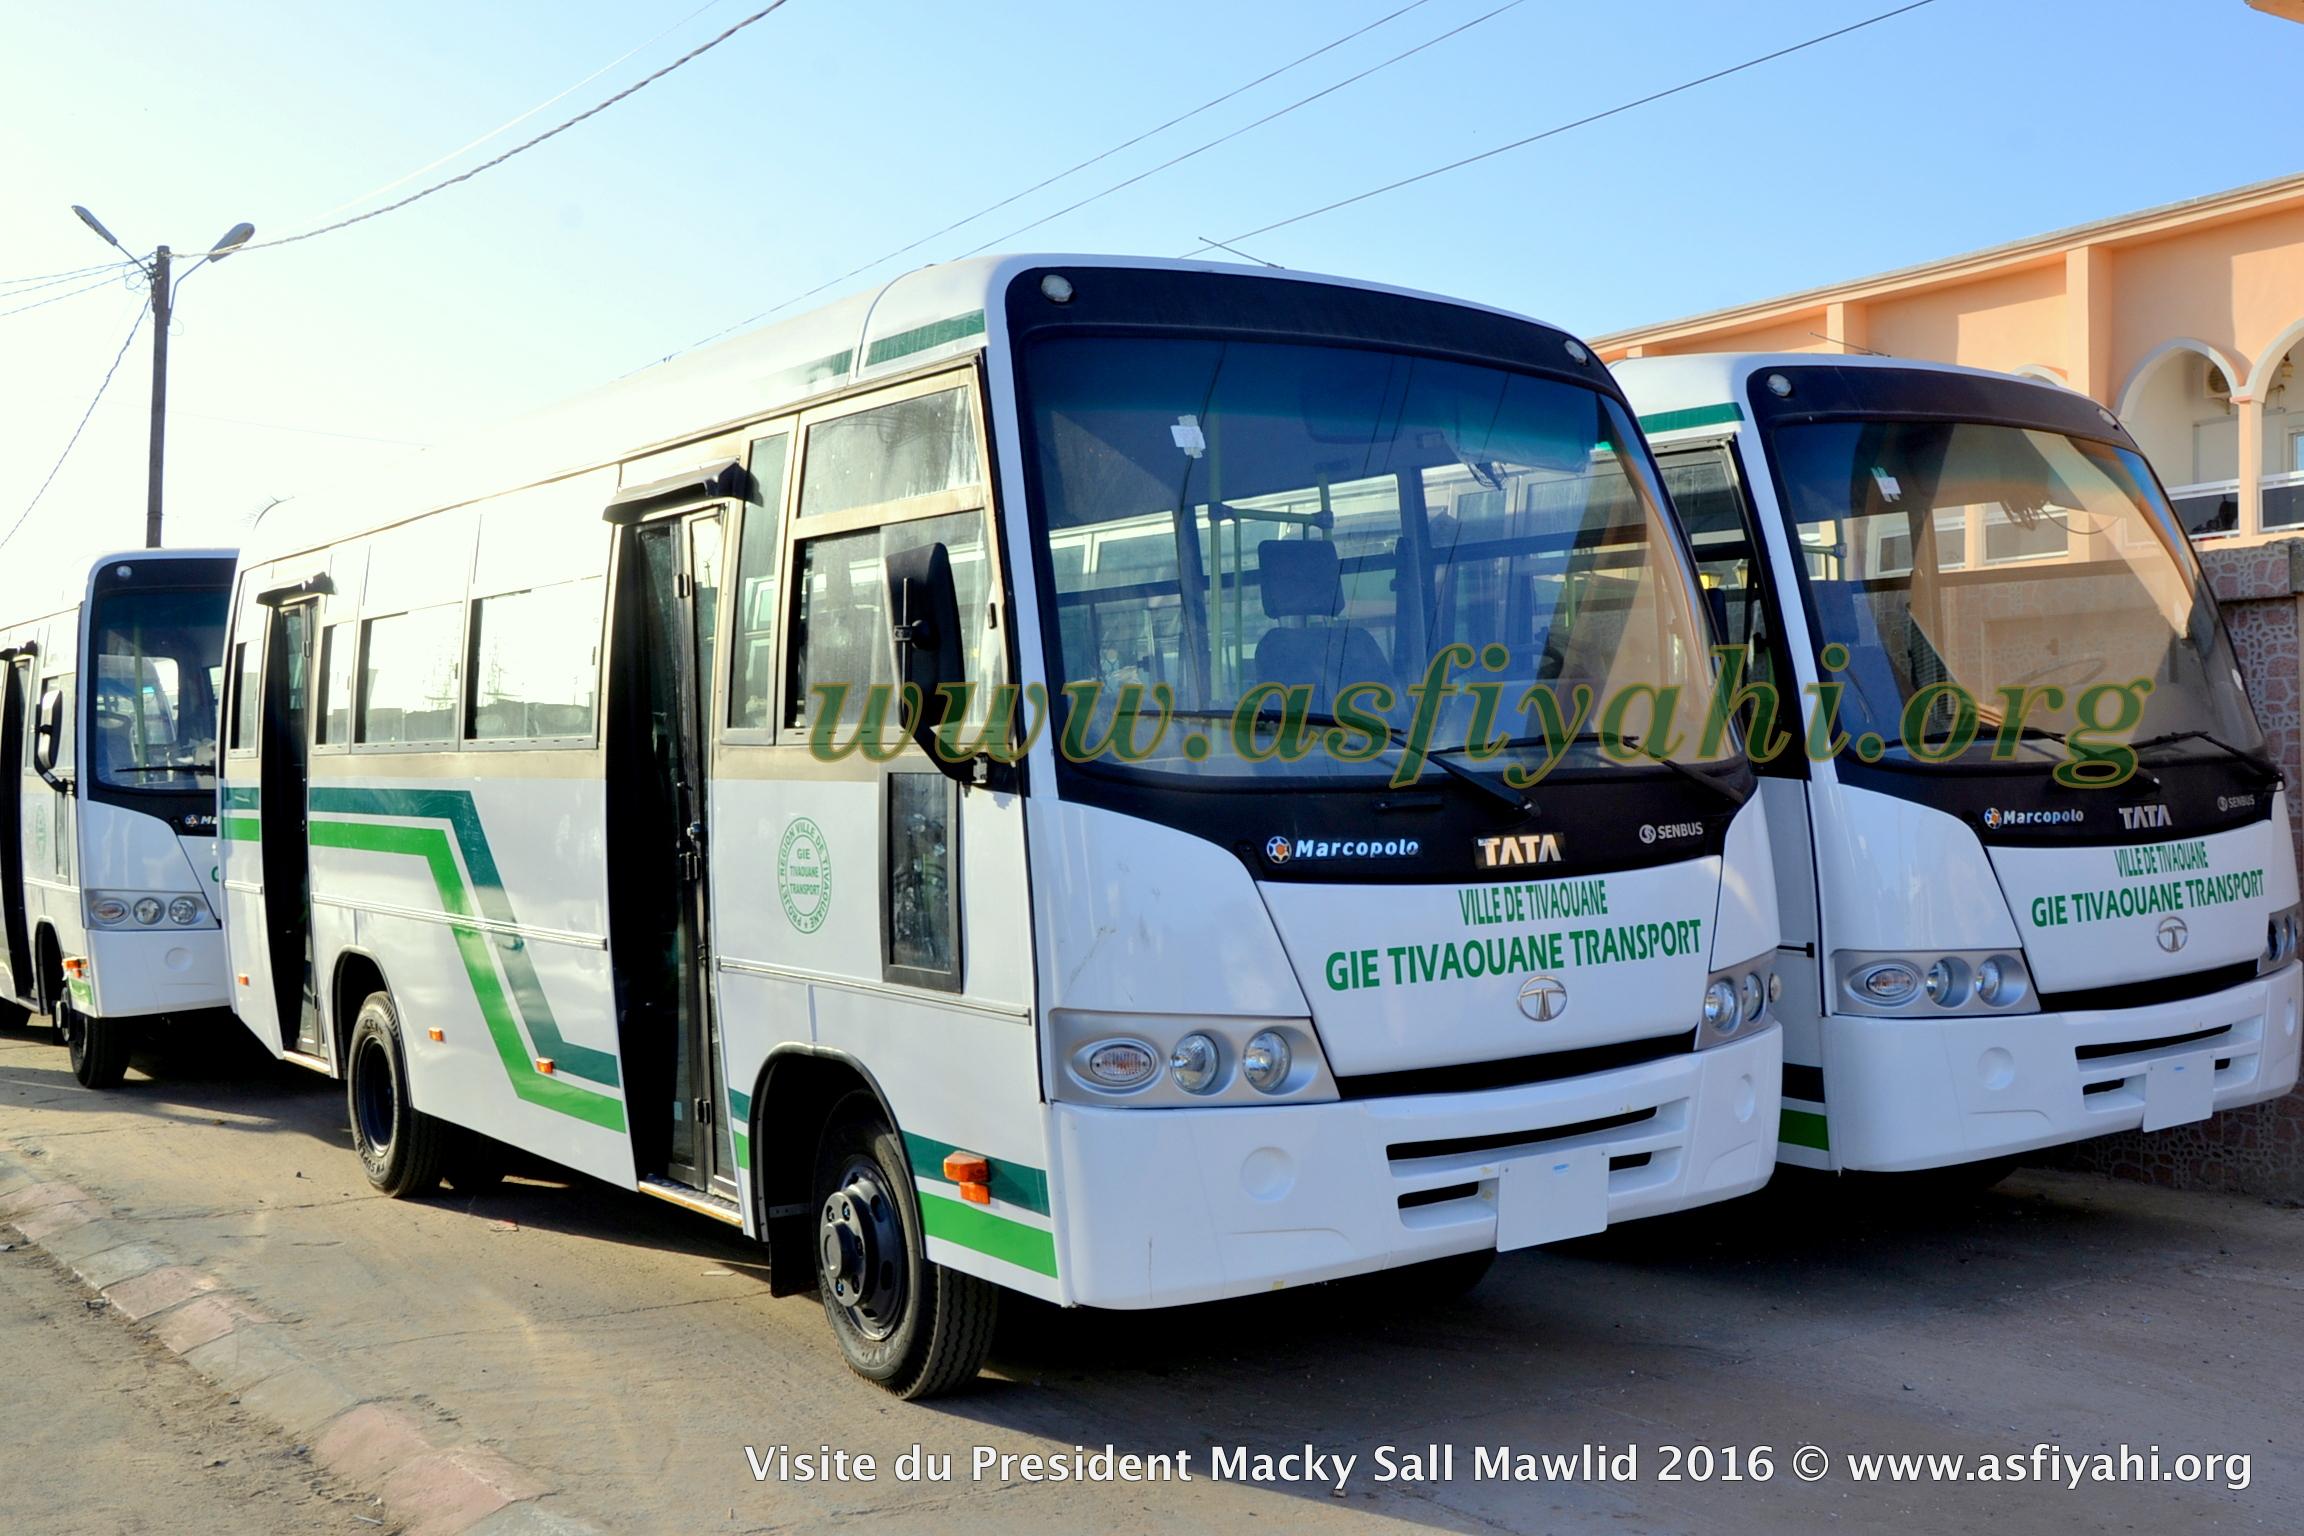 PHOTOS - Remise des clés de 15 nouveaux mini bus pour Tivaouane